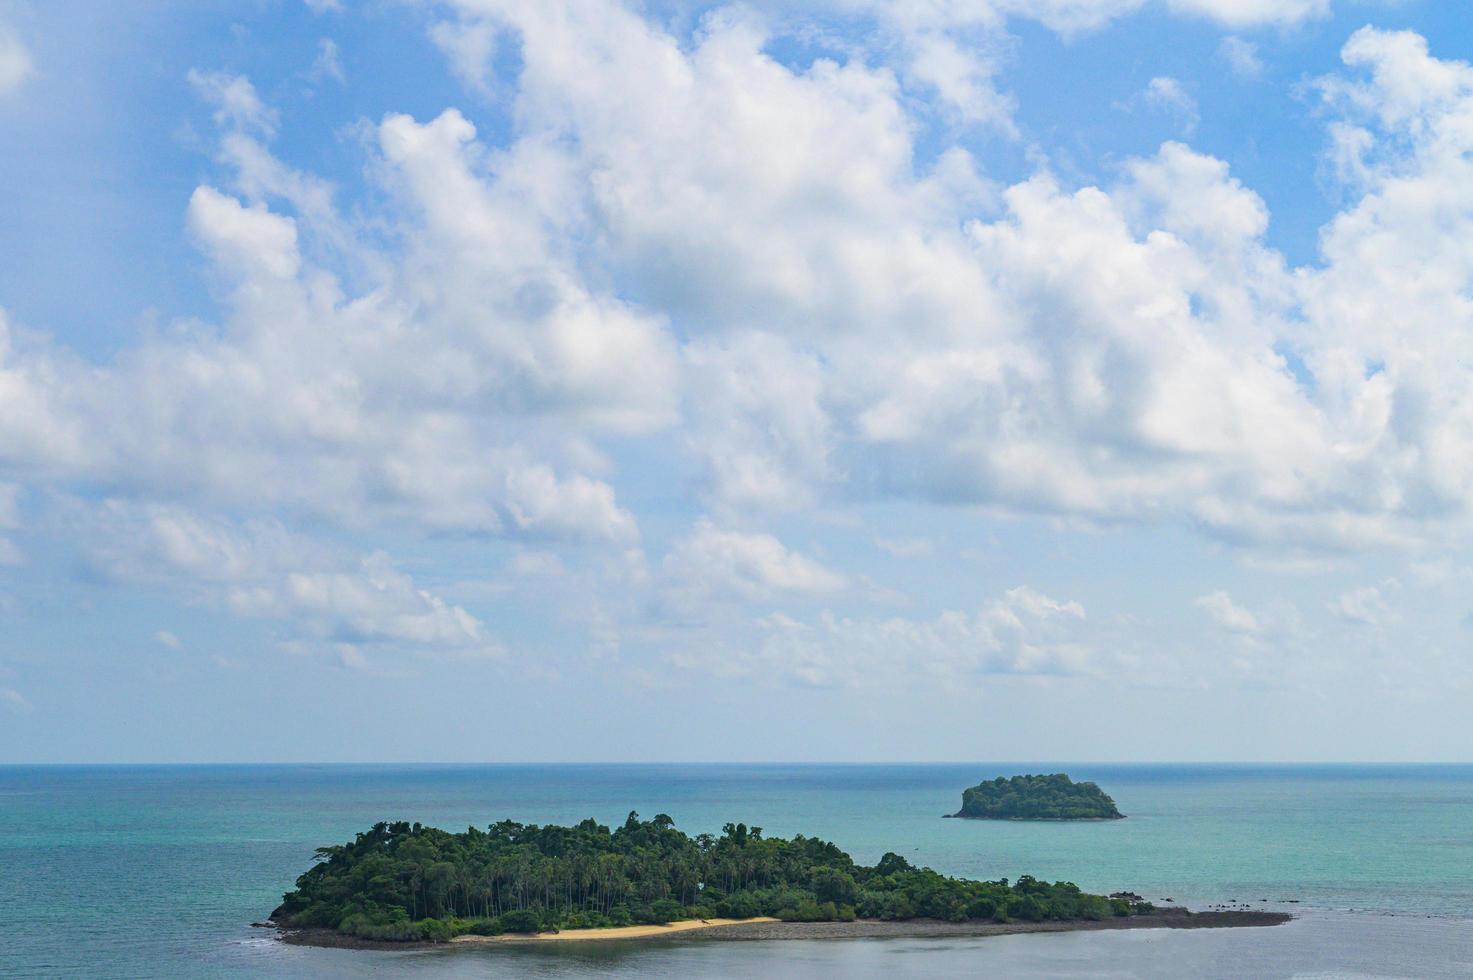 mer tropicale avec îles et ciel photo